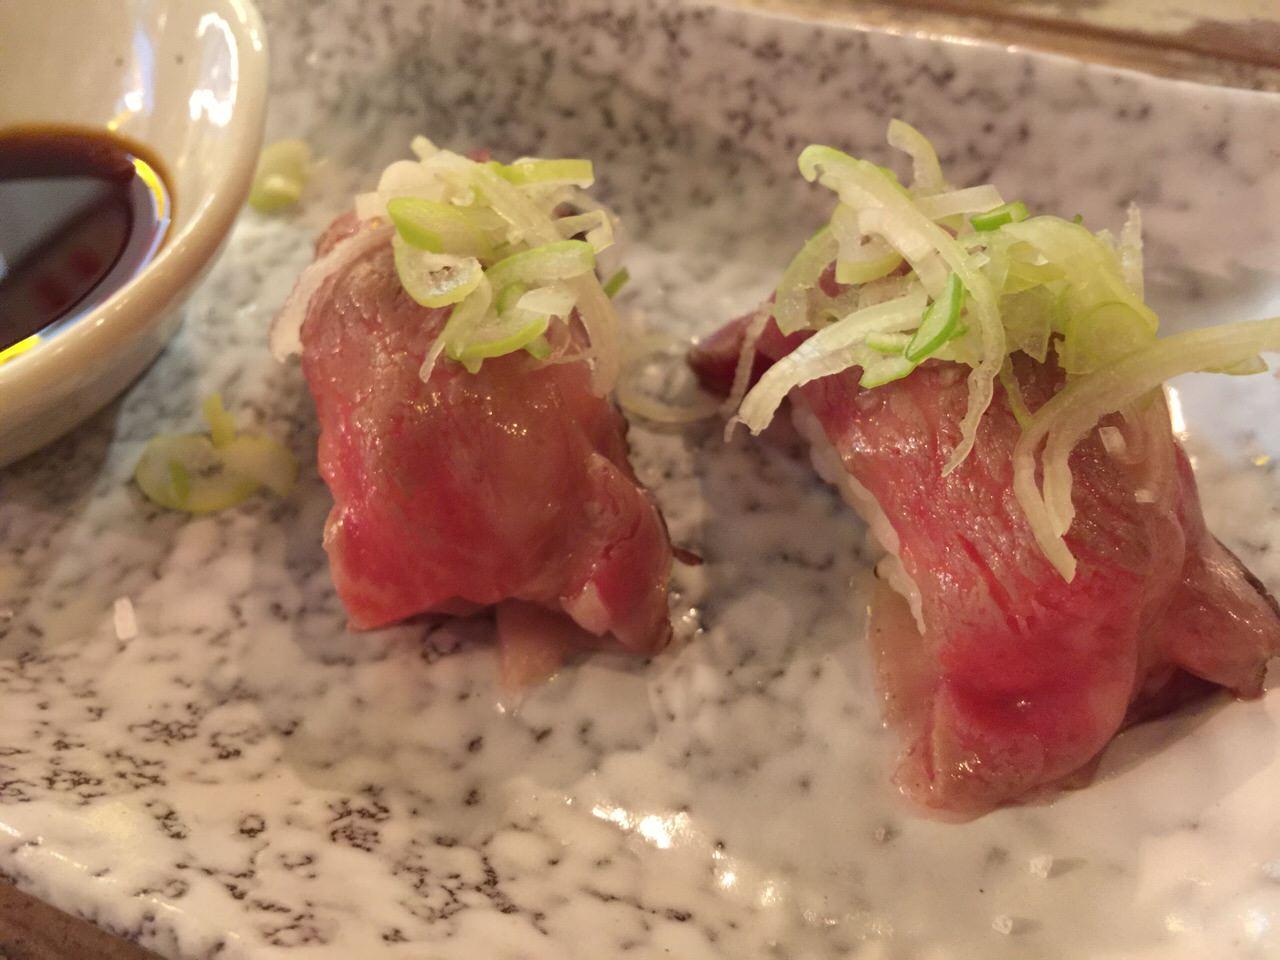 「ししや(那覇)」石垣牛の肉寿司が1貫100円で食べられるウマー